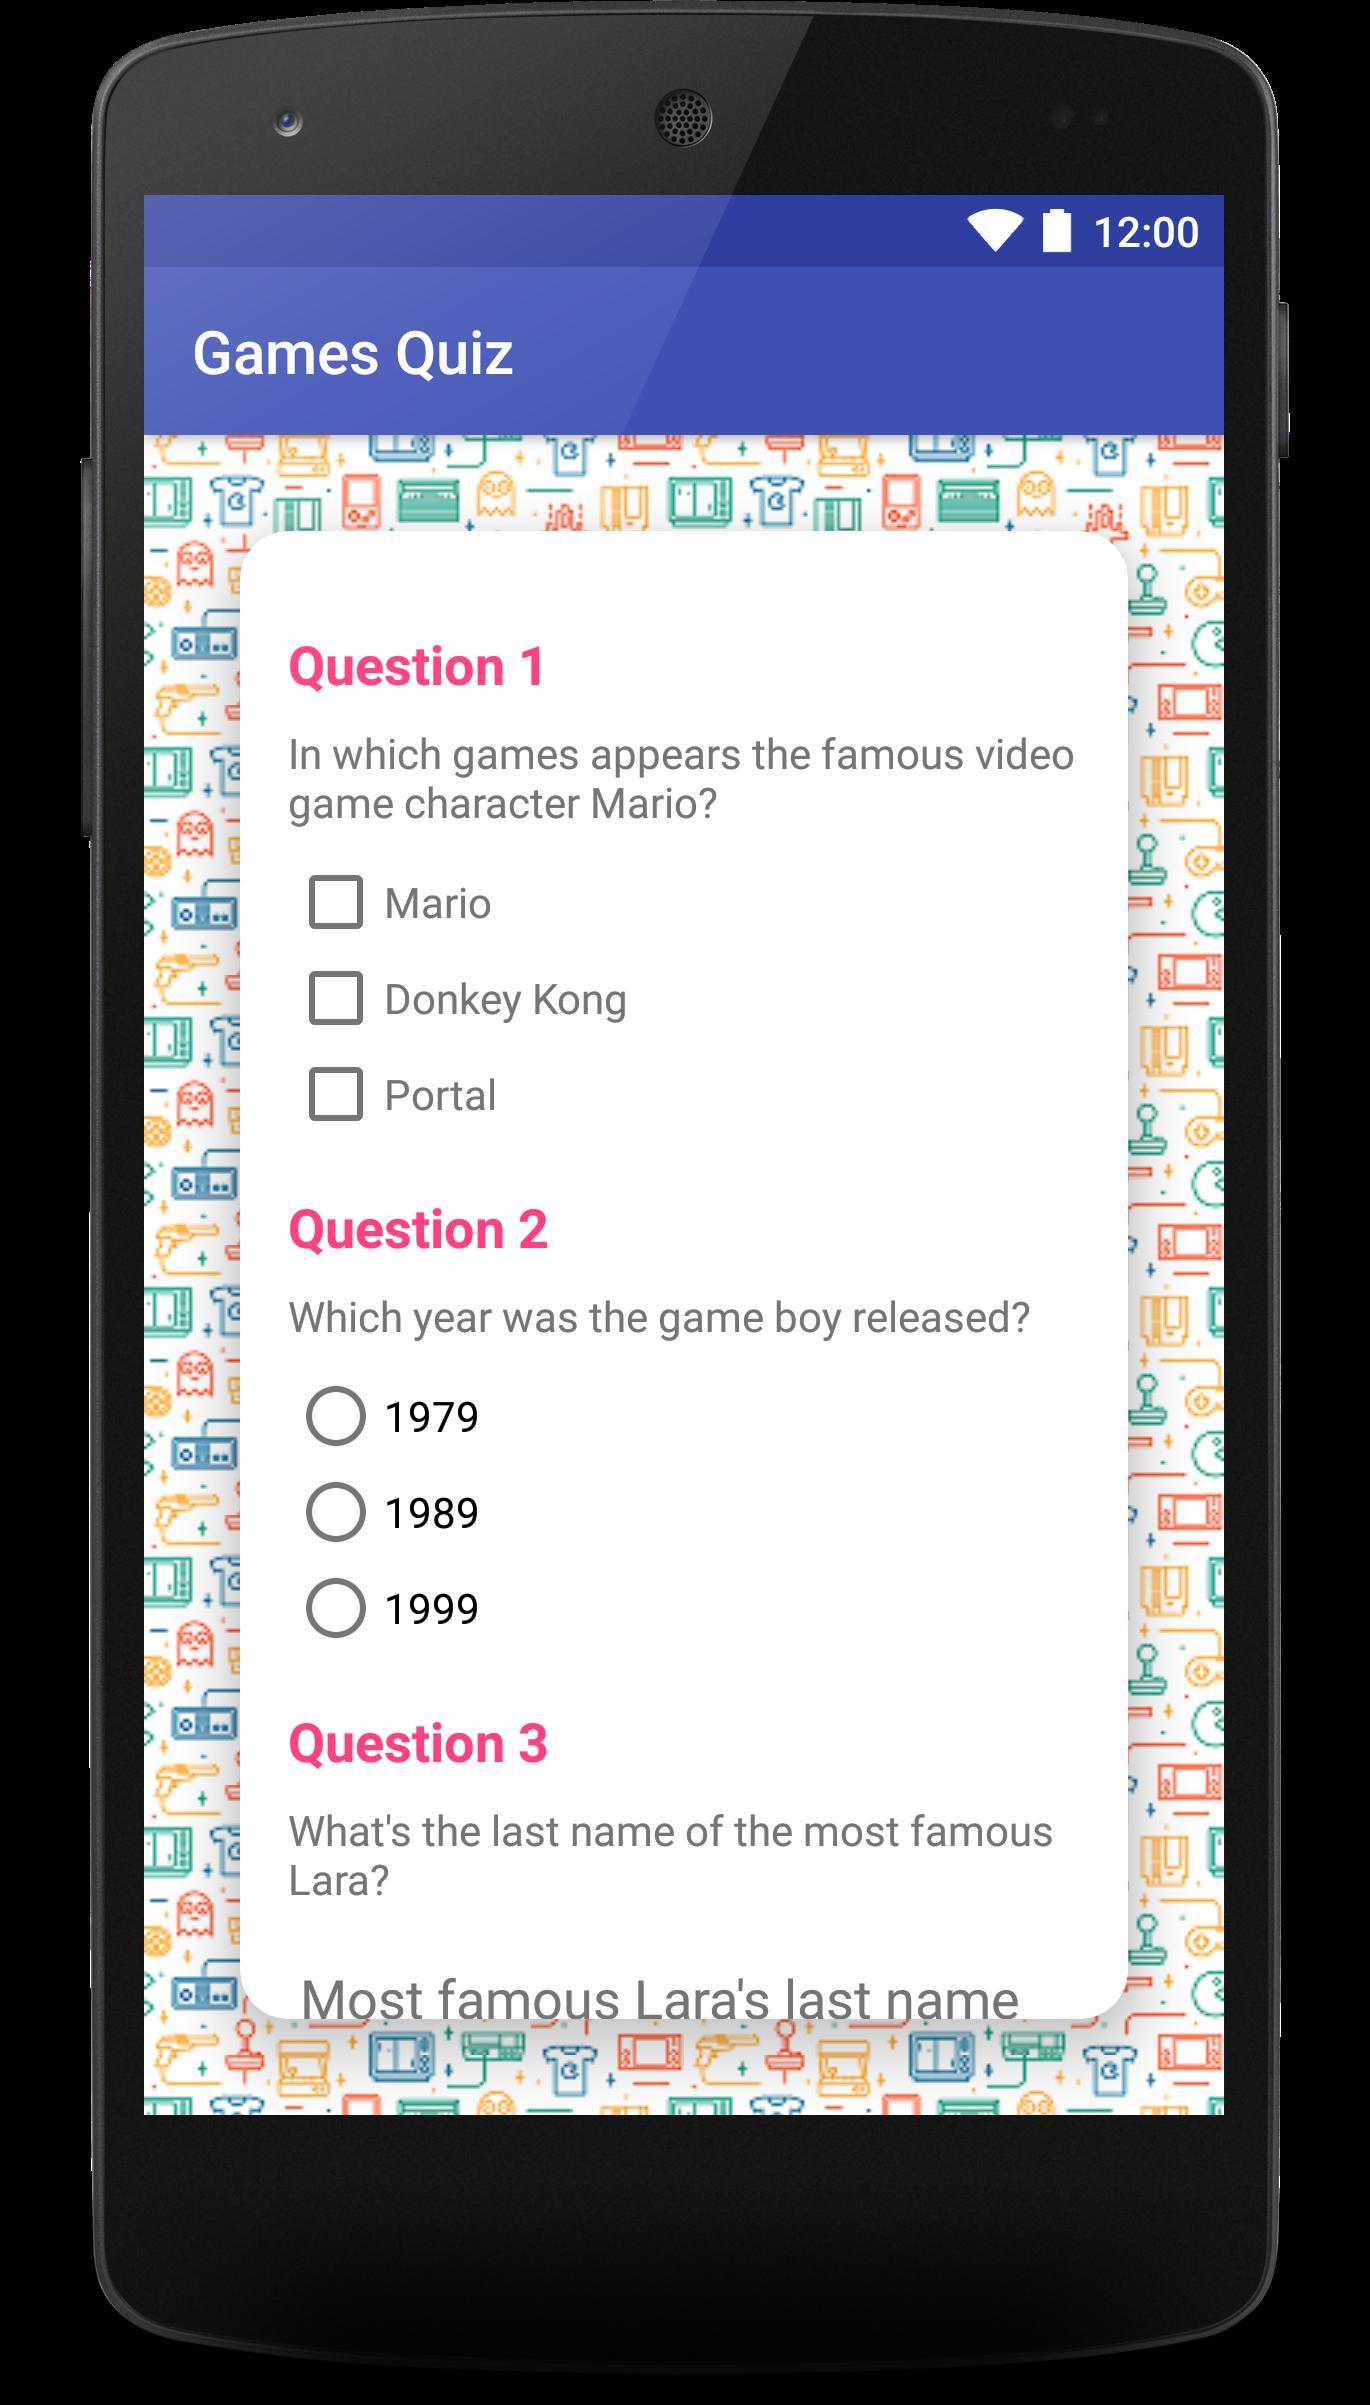 GitHub - laramartin/android_games_quiz_udacity: Project Quiz